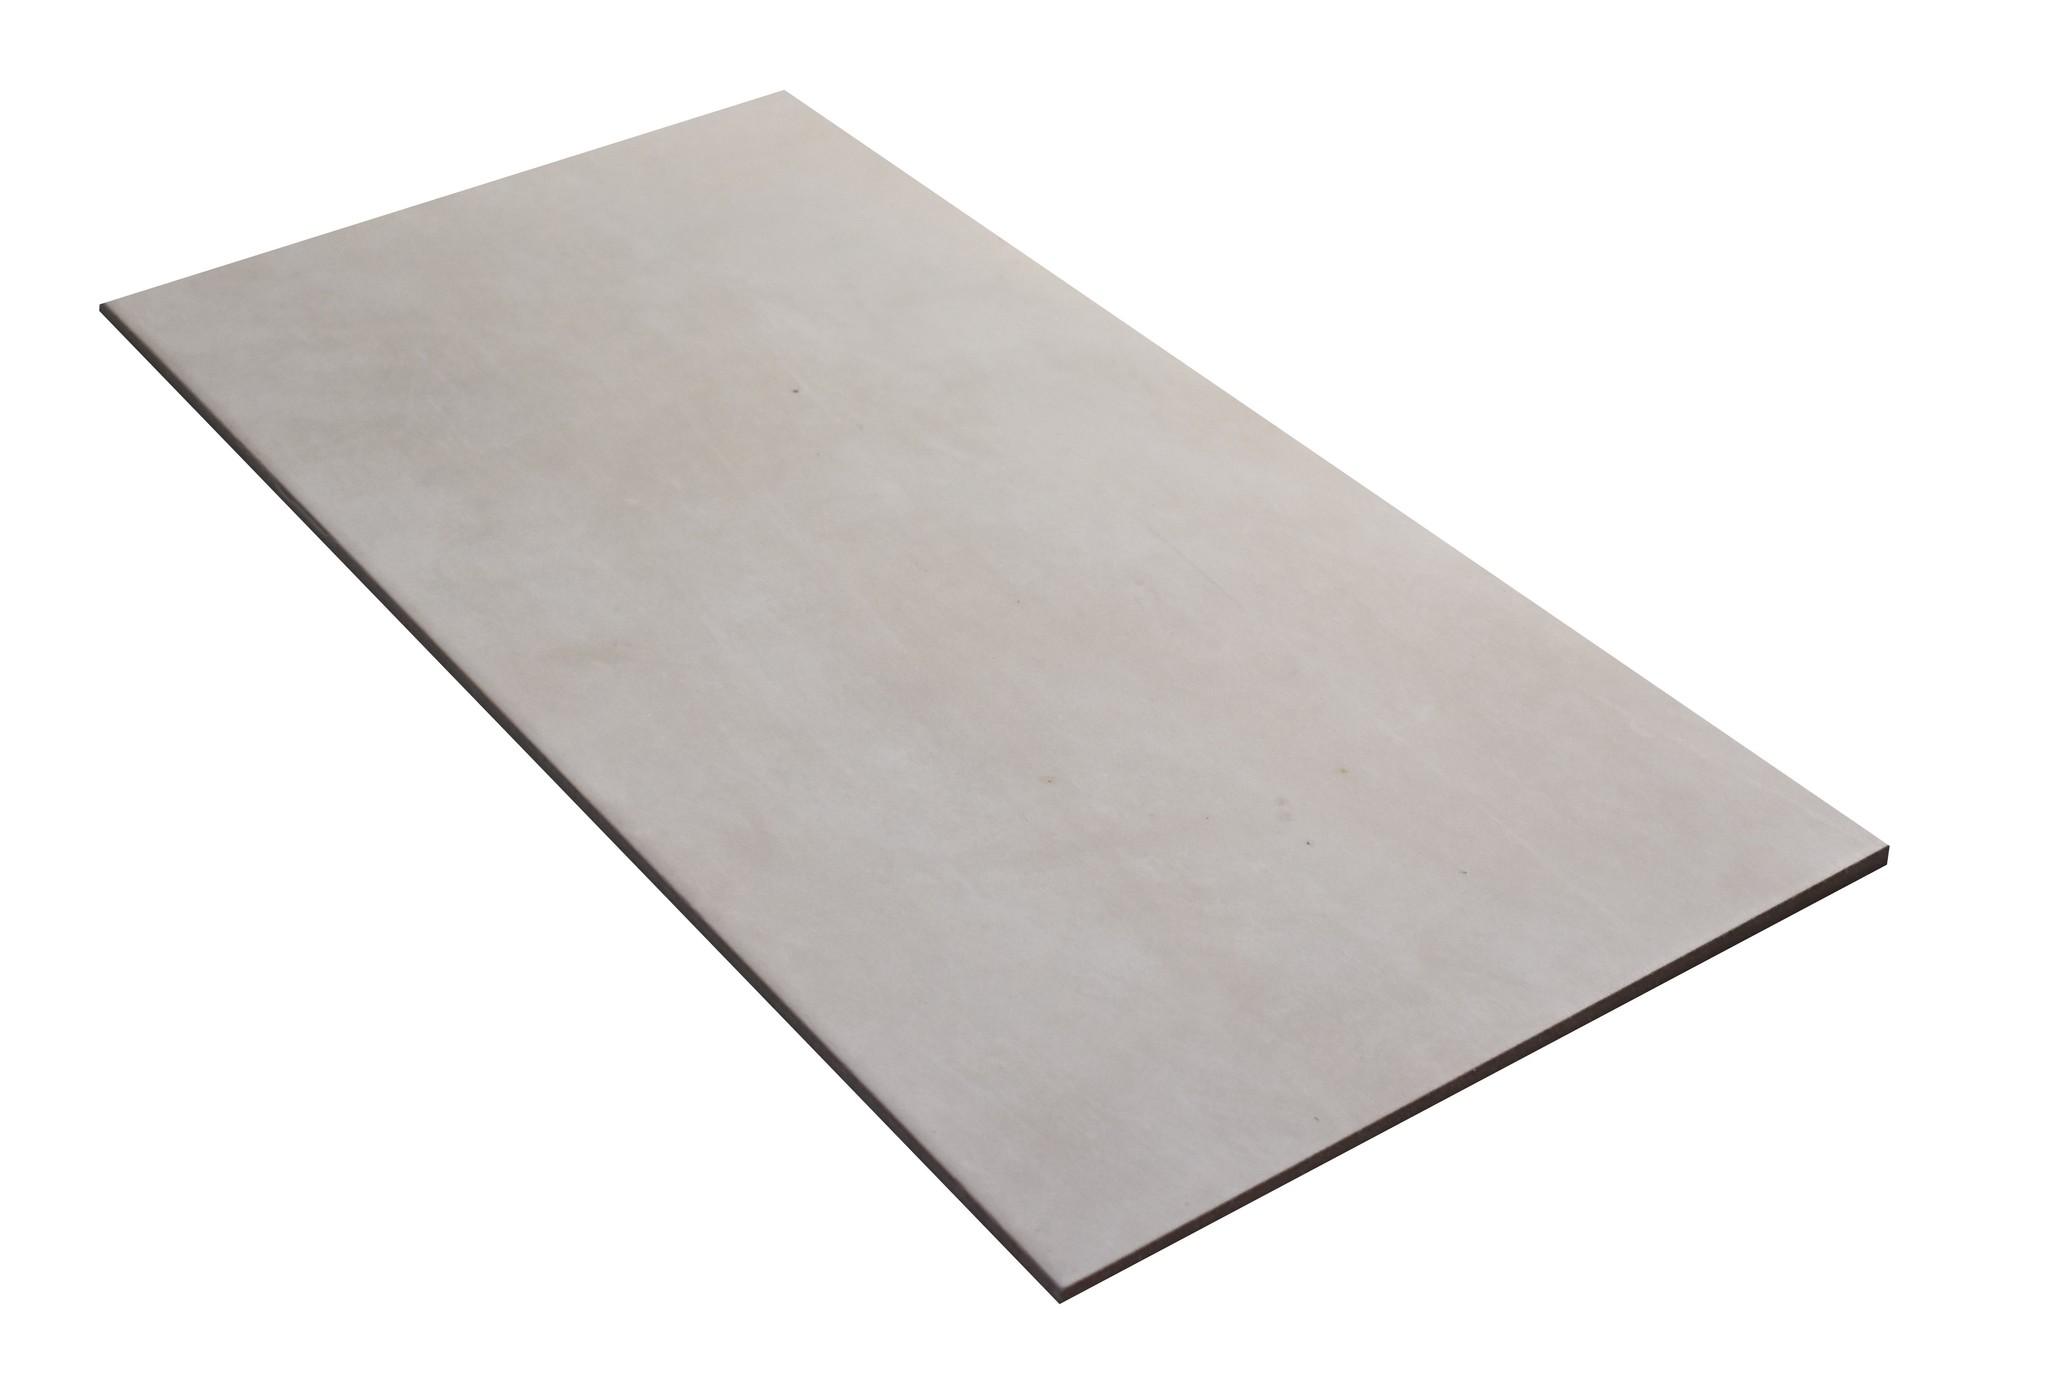 Loft White Płytki podłogowe